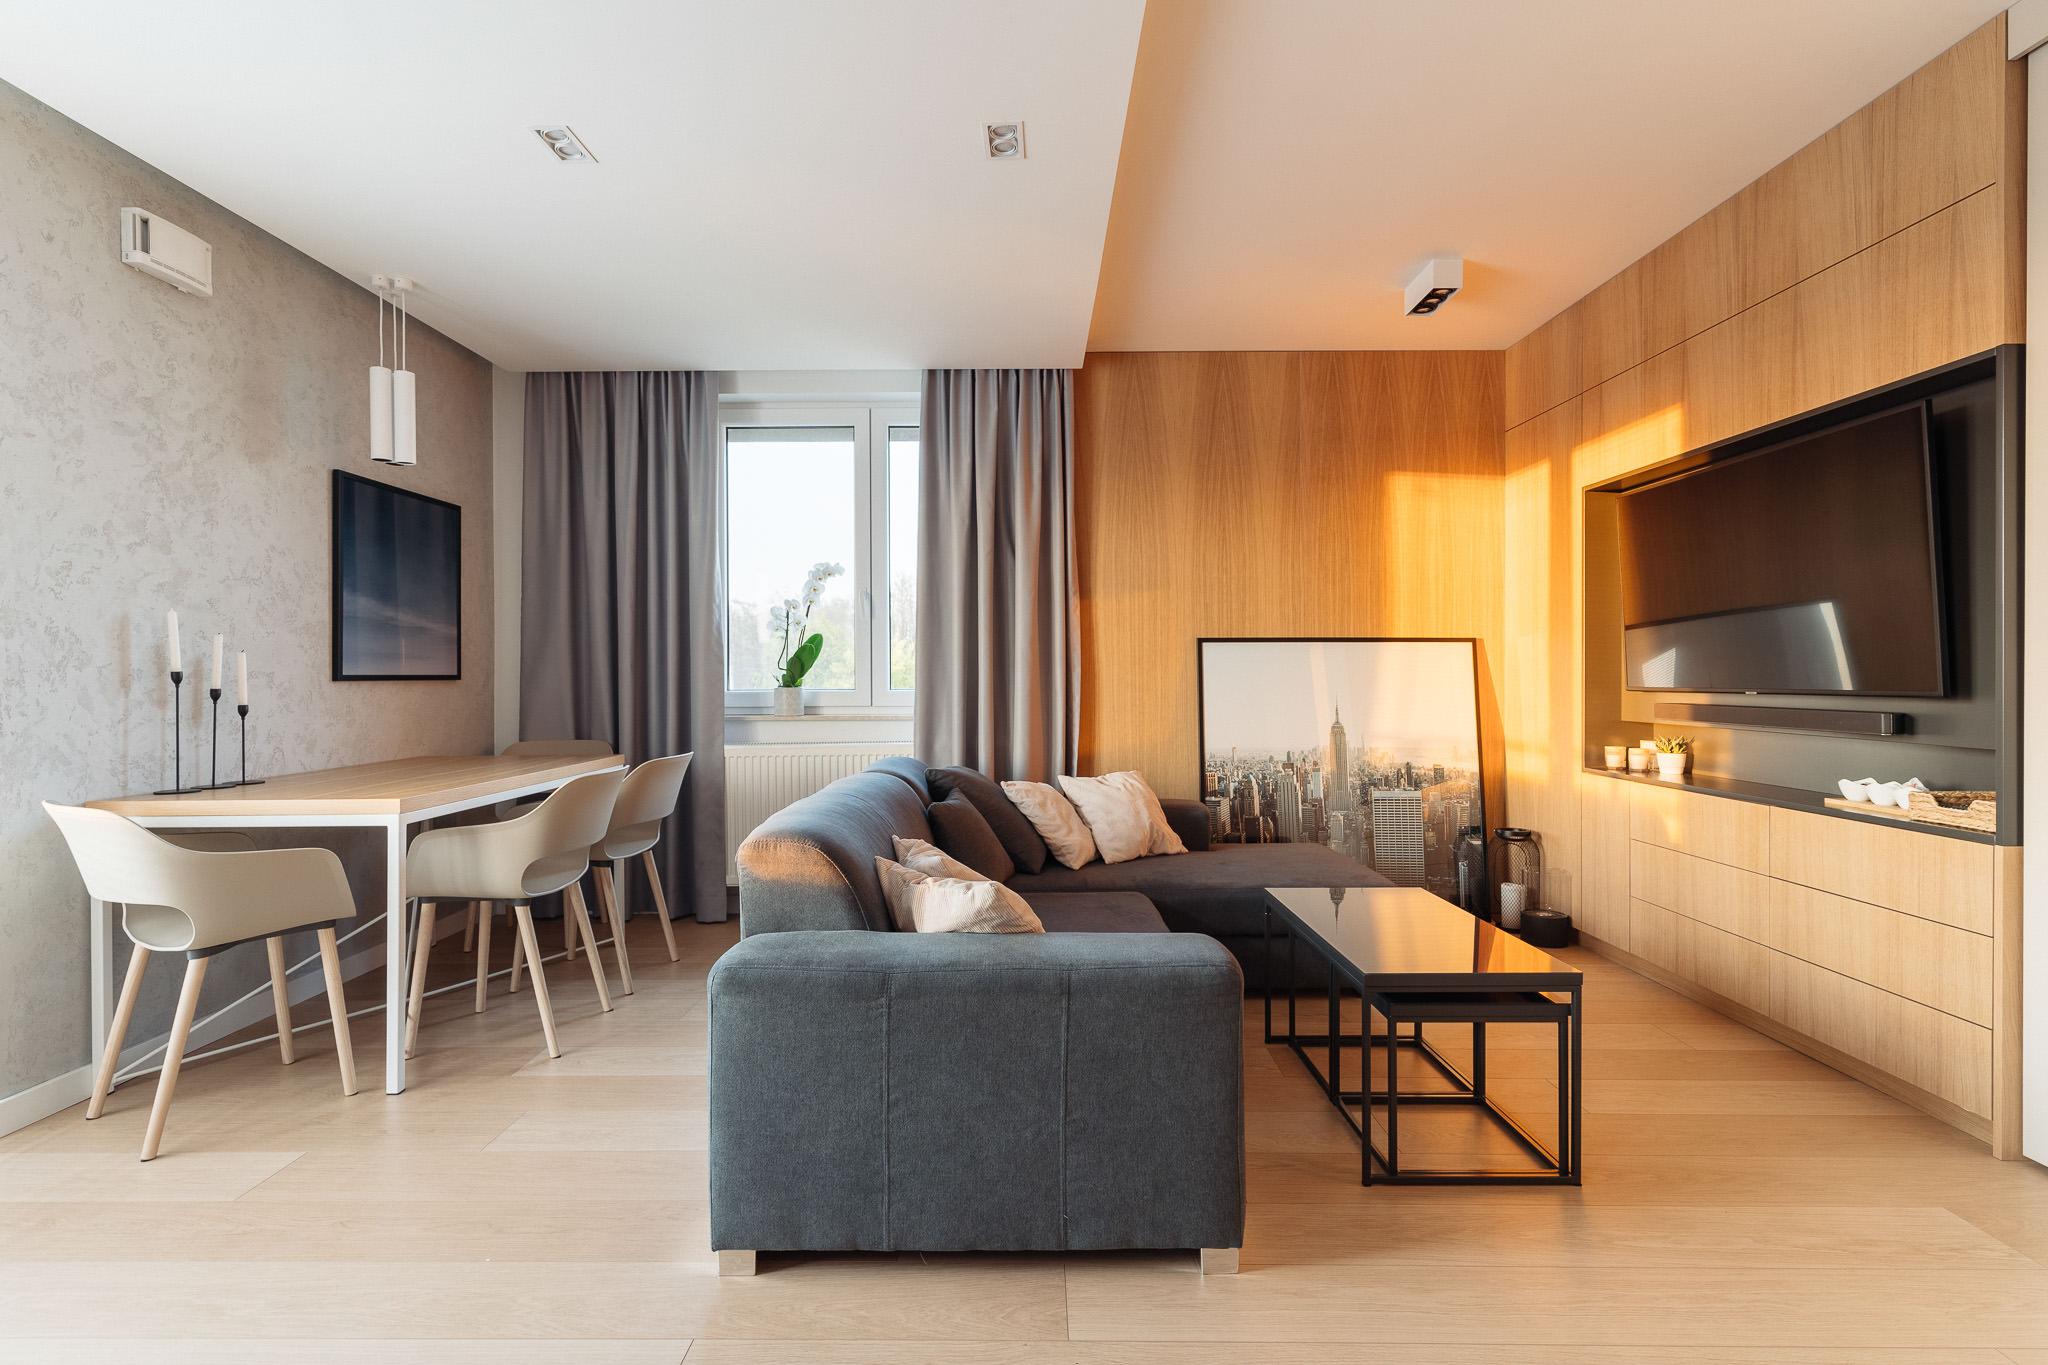 1 projketowanie wnetrz R105 mieszkanie Krakow pokoj dzienny zabydowa meblowa pod telewizor betonowa sciana niebieska sofa drewno na scianie